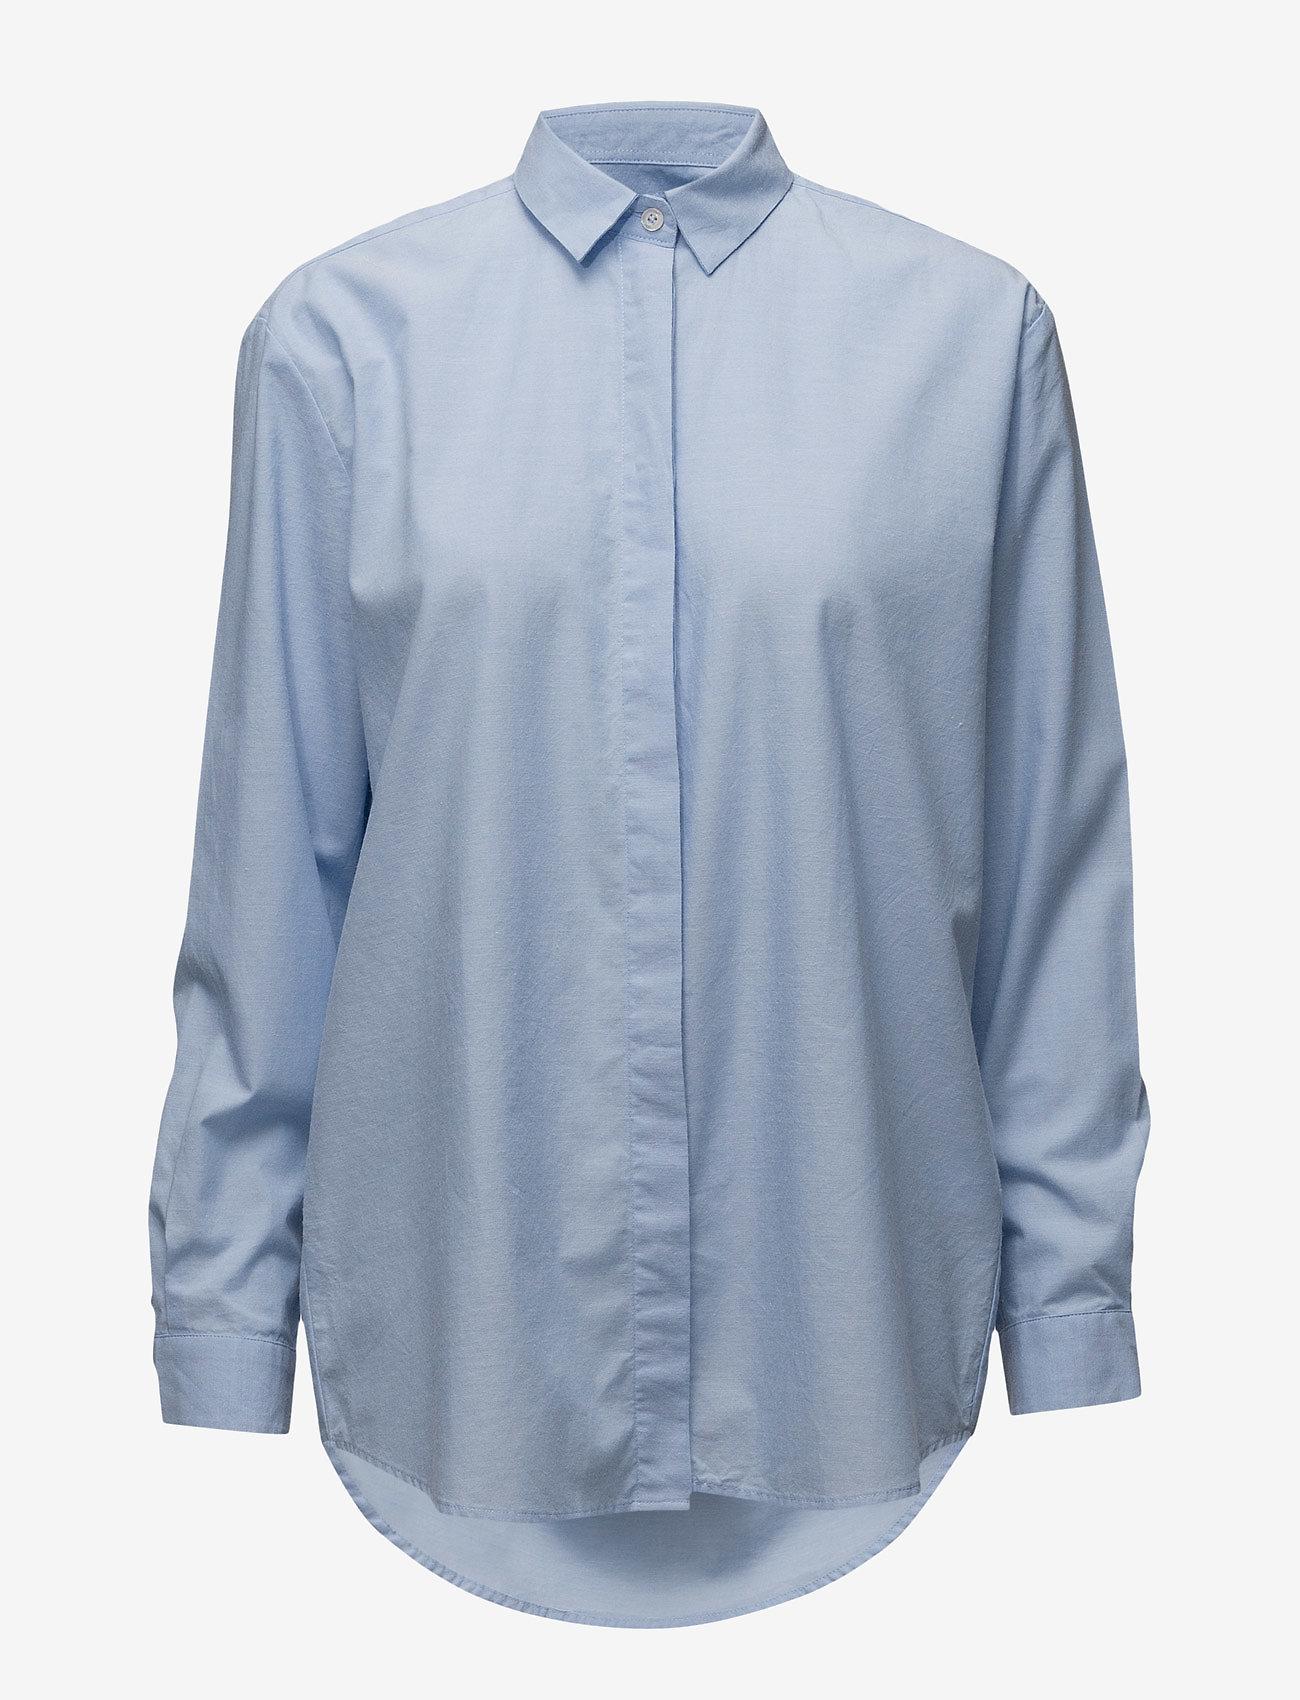 Samsøe Samsøe - Caico shirt 6135 - långärmade skjortor - 6135 oxford blue - 0